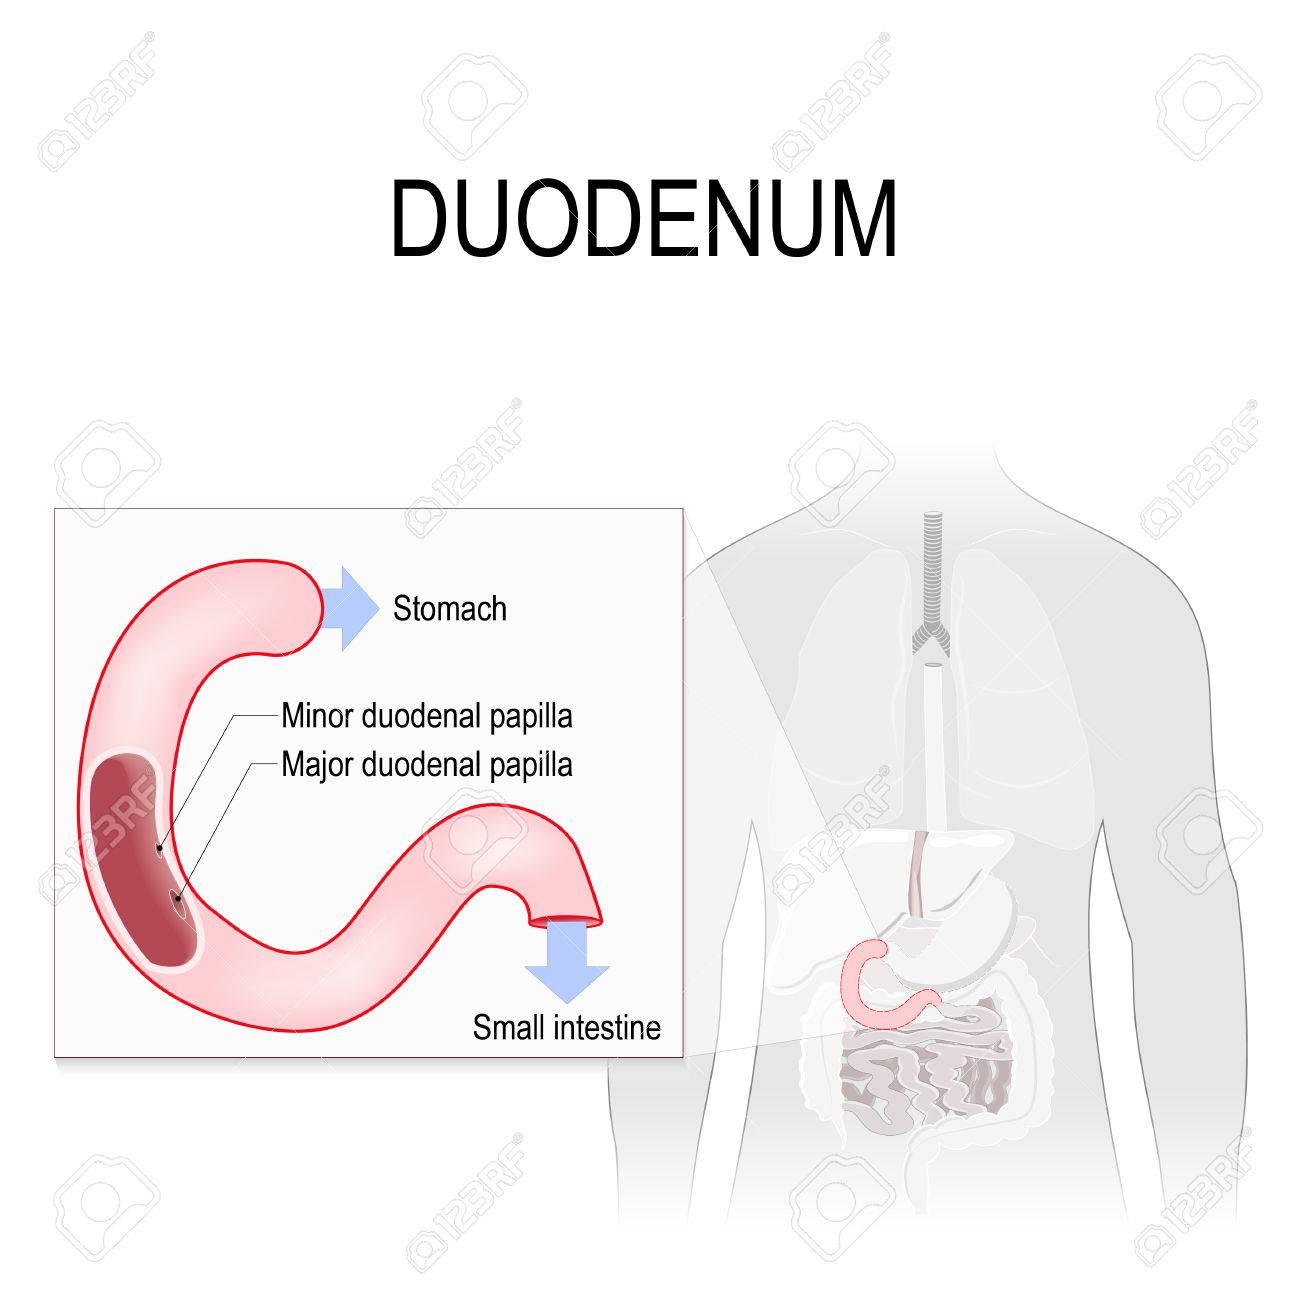 Anatomía Del Duodeno. Localizaciones Anatómicas Etiquetadas. Silueta ...